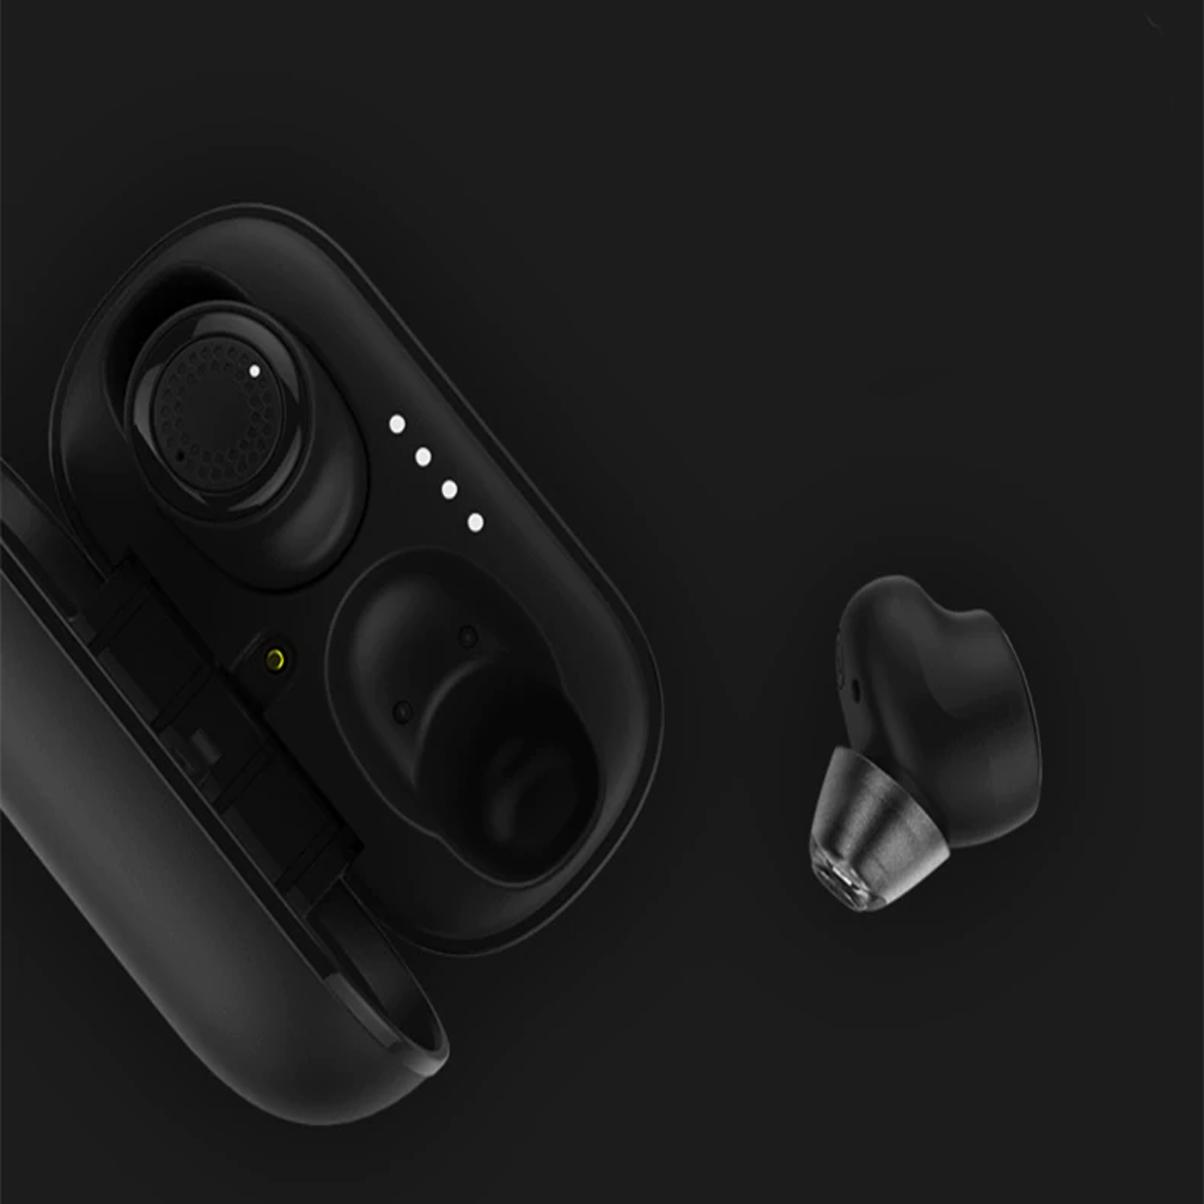 Tai nghe bluetooth đôi Remax TWS-2 V4.2 Hàng Chính Hãng